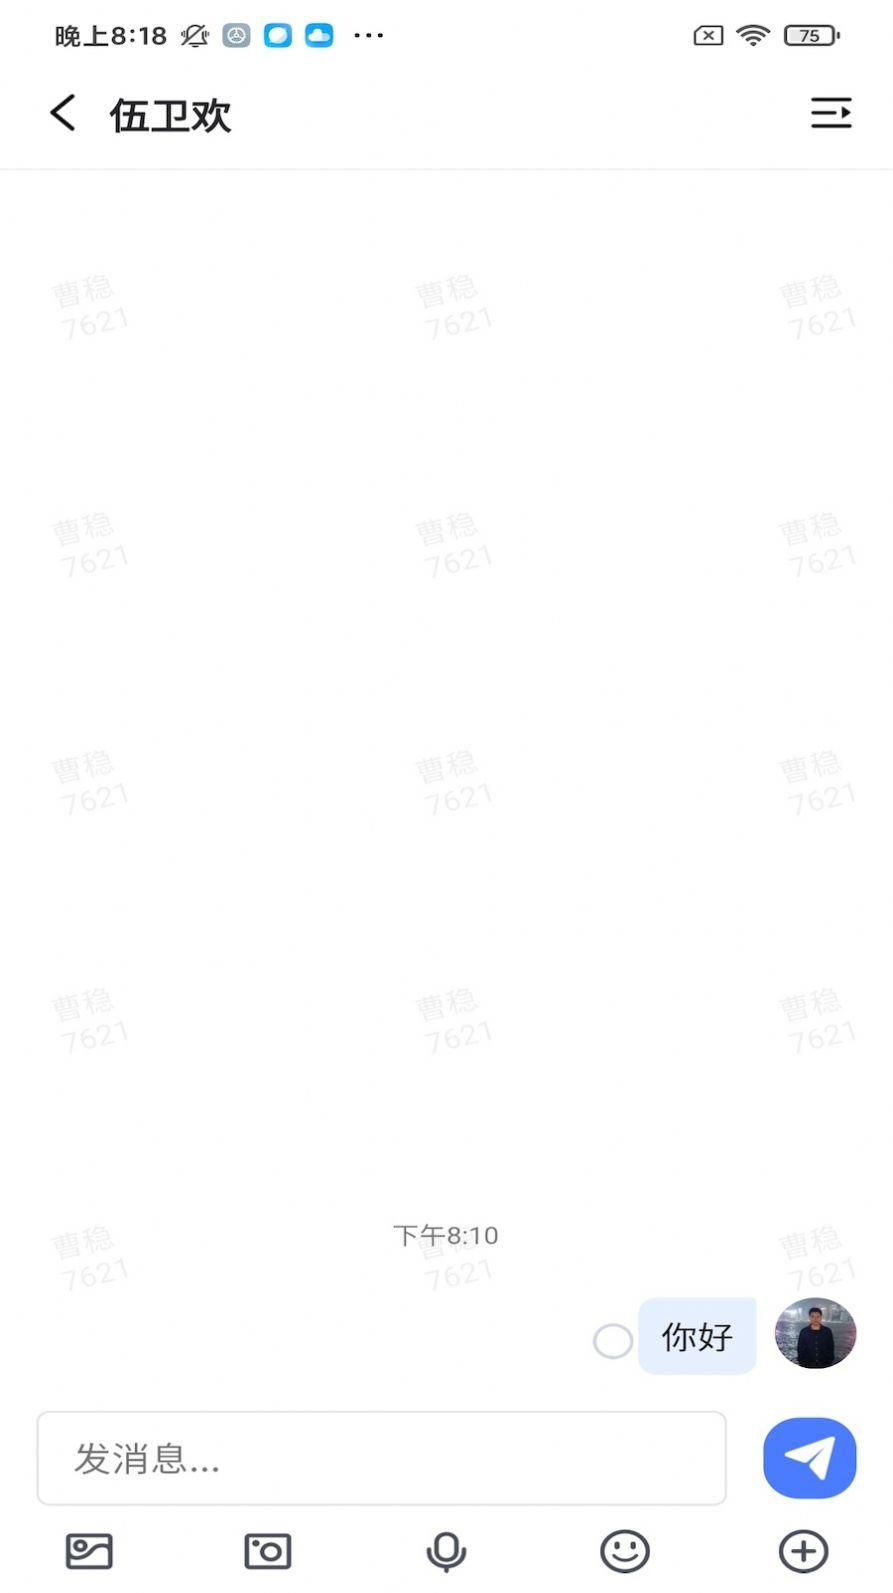 禅聊app最新版下载图1: